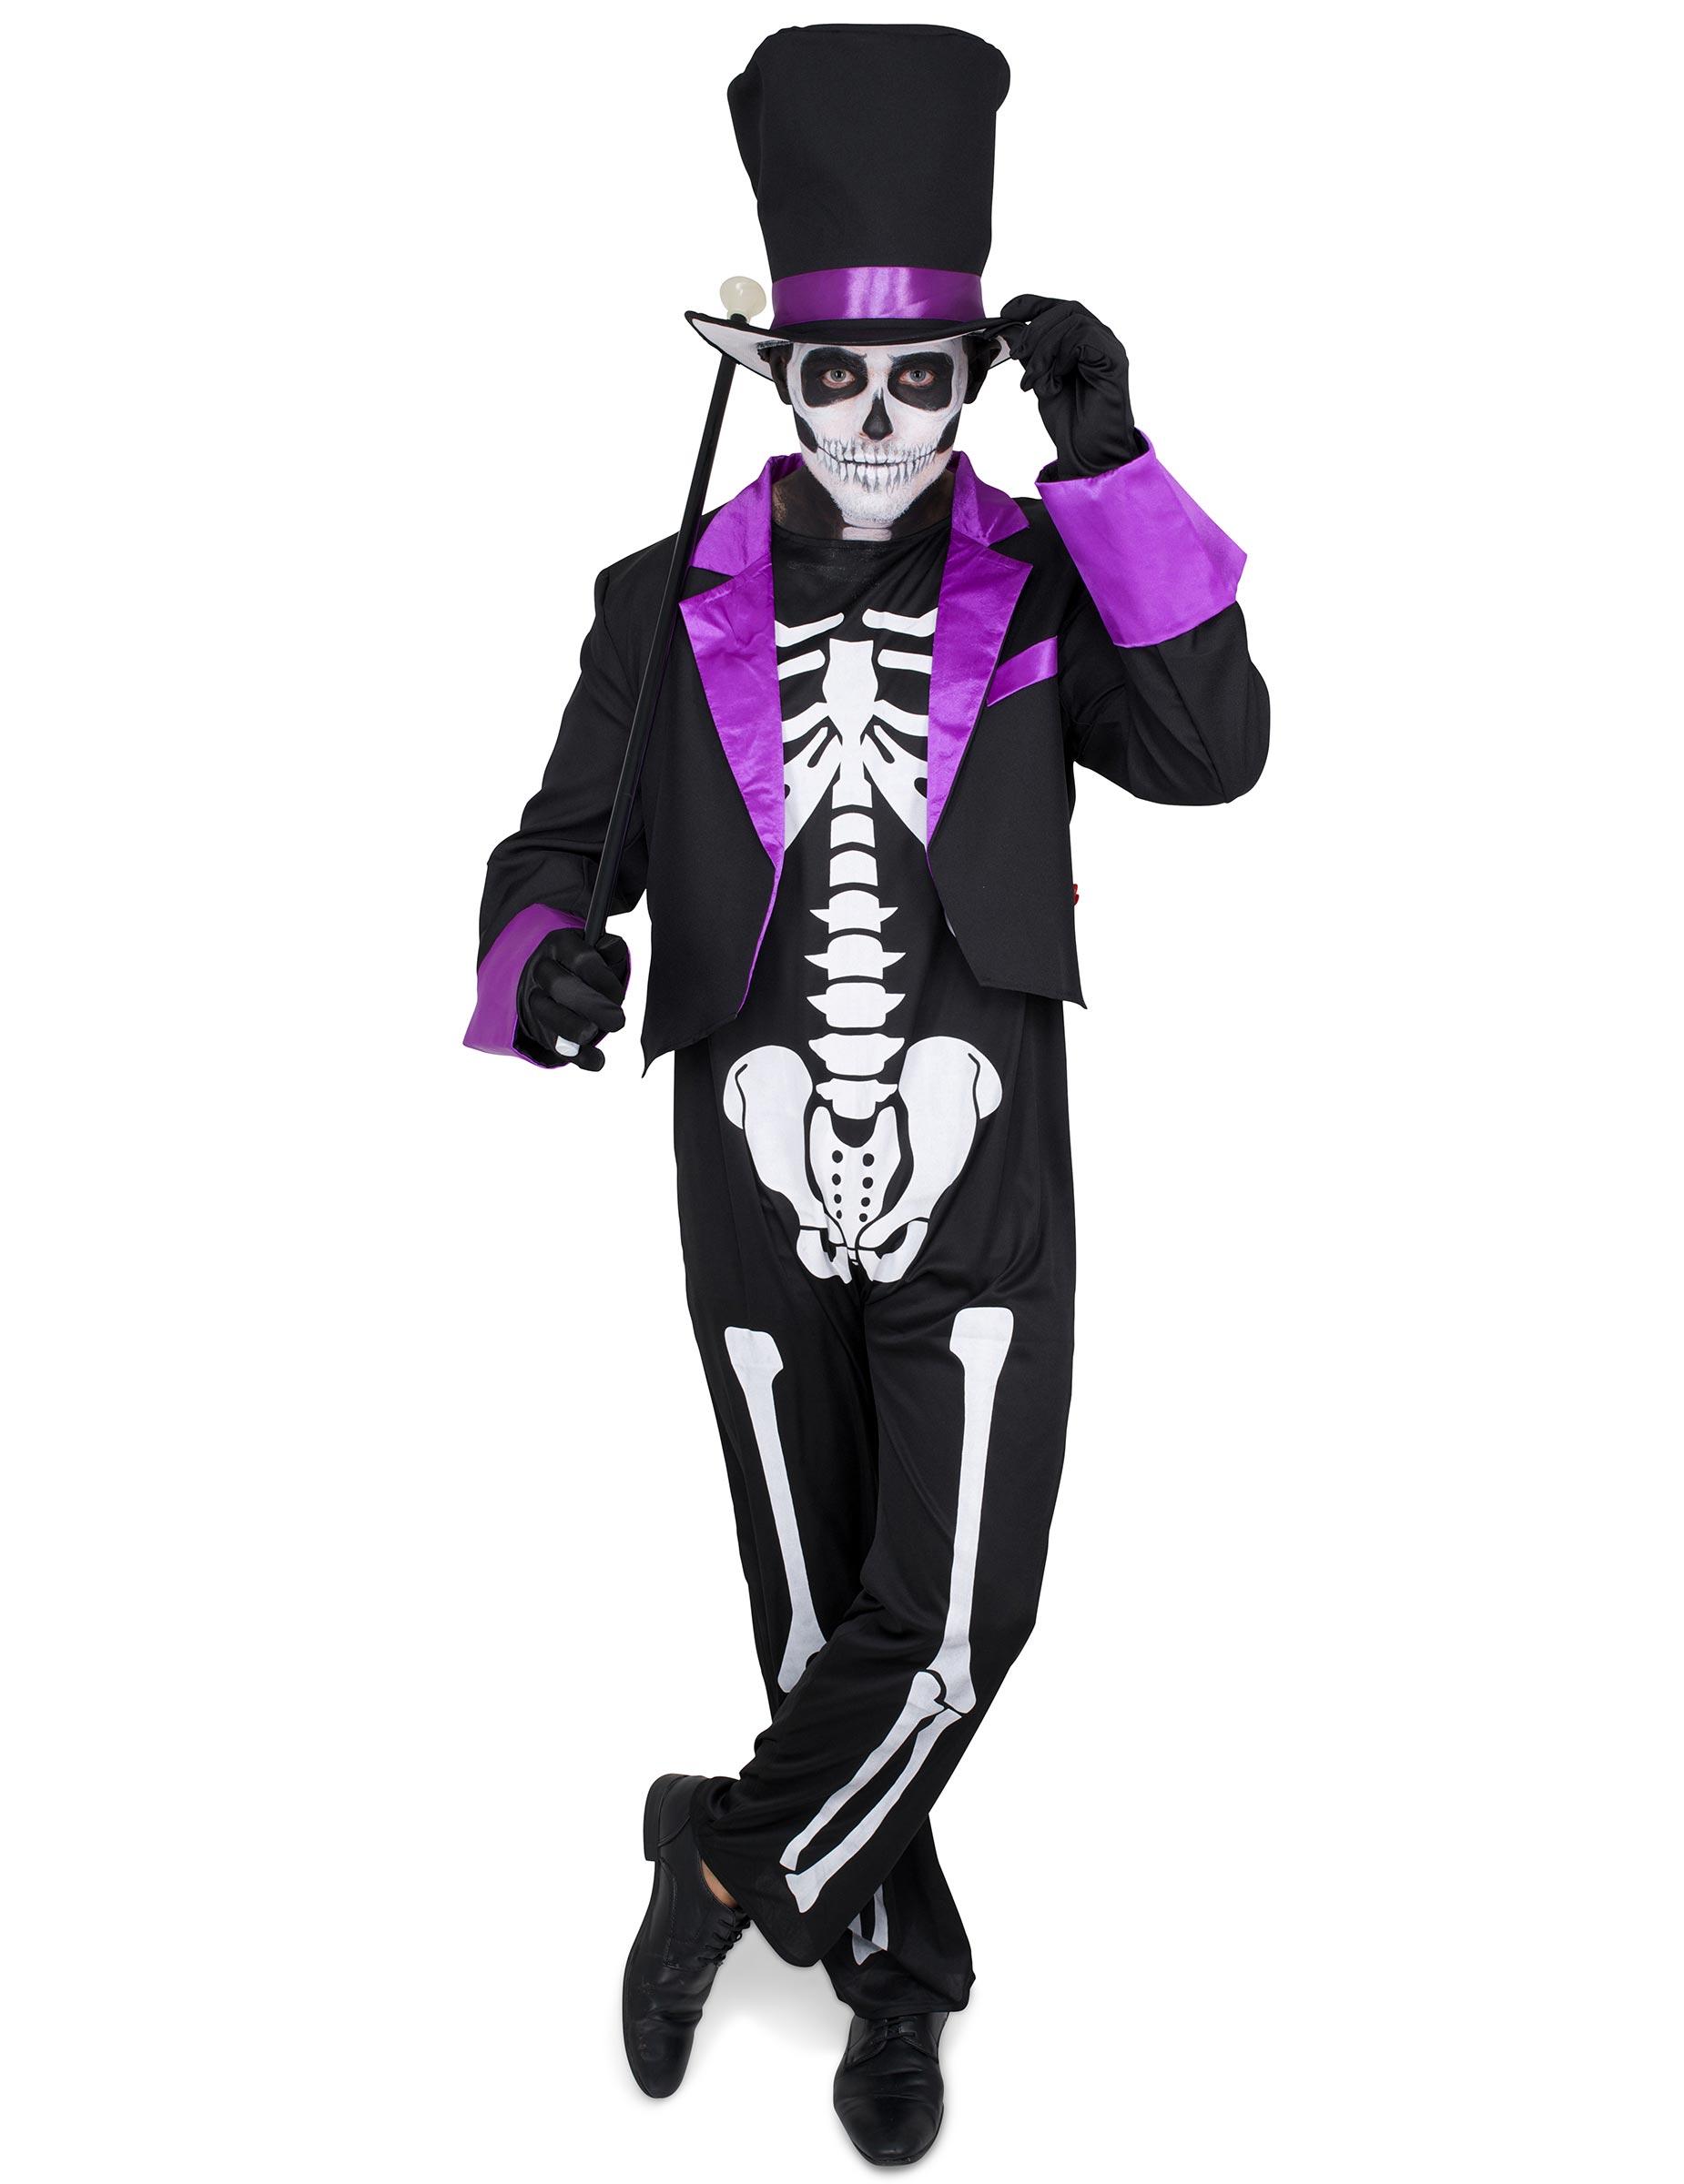 Disfraces del Día de los Muertos originales - Vegaoo.es 1531392aa73